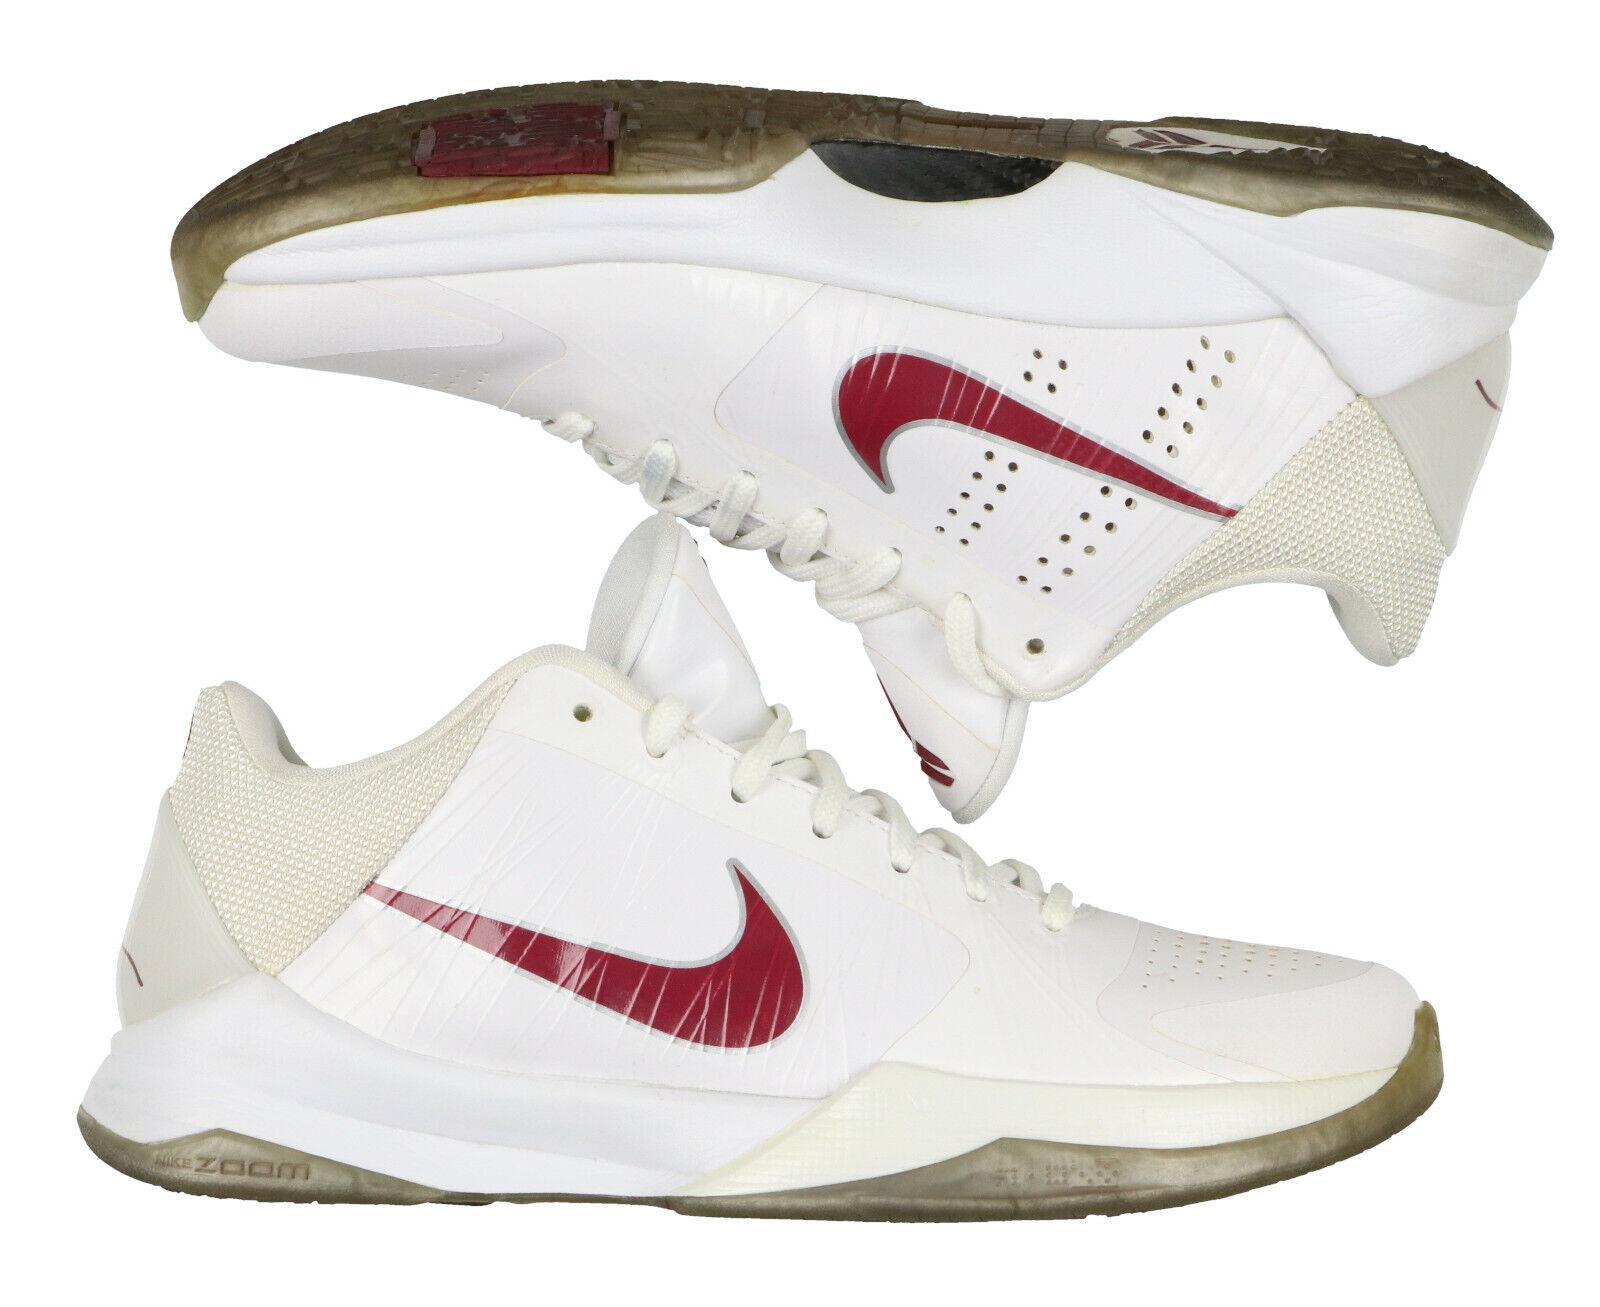 Nike Zoom Kobe V Basket Scarpe Misura 7 Inferiore Merion Edition Bianco Burgundy